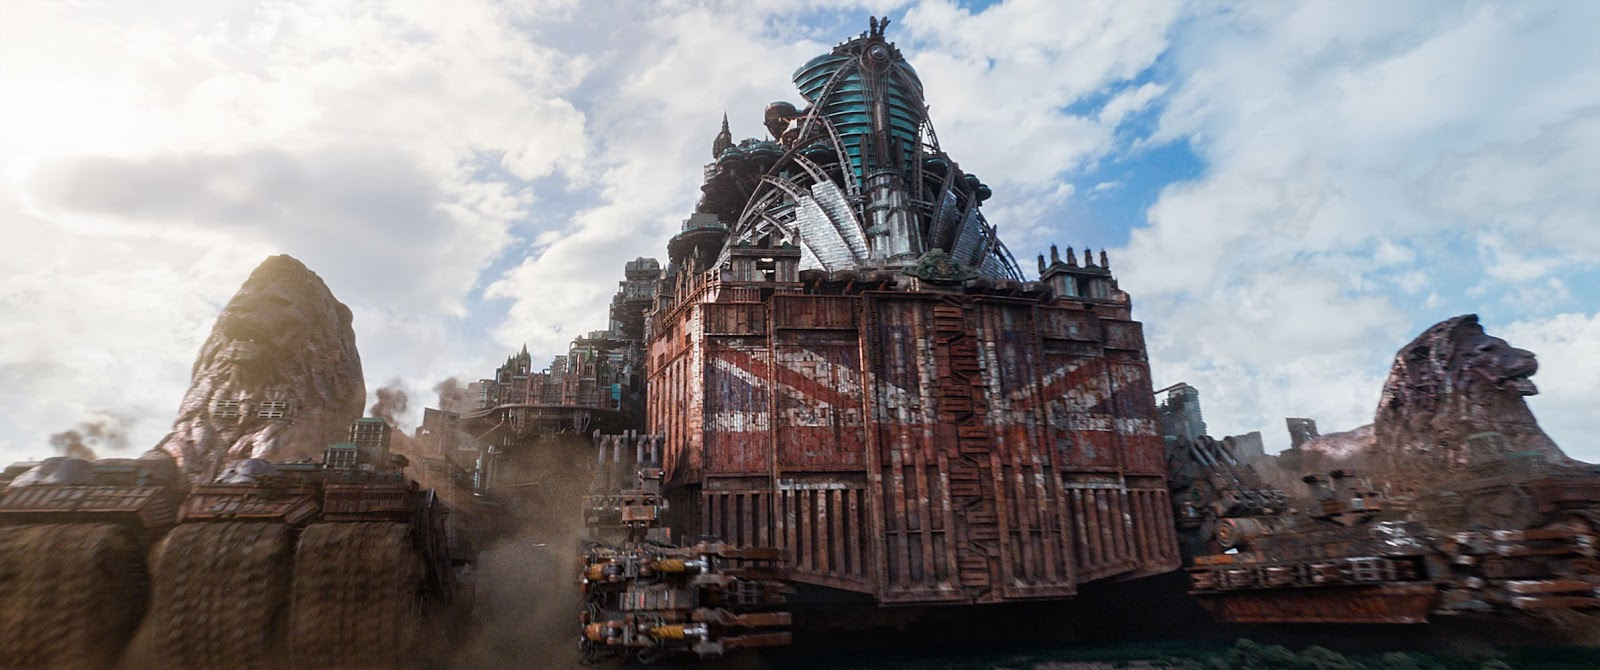 Хроники хищных городов или Mortal Engines